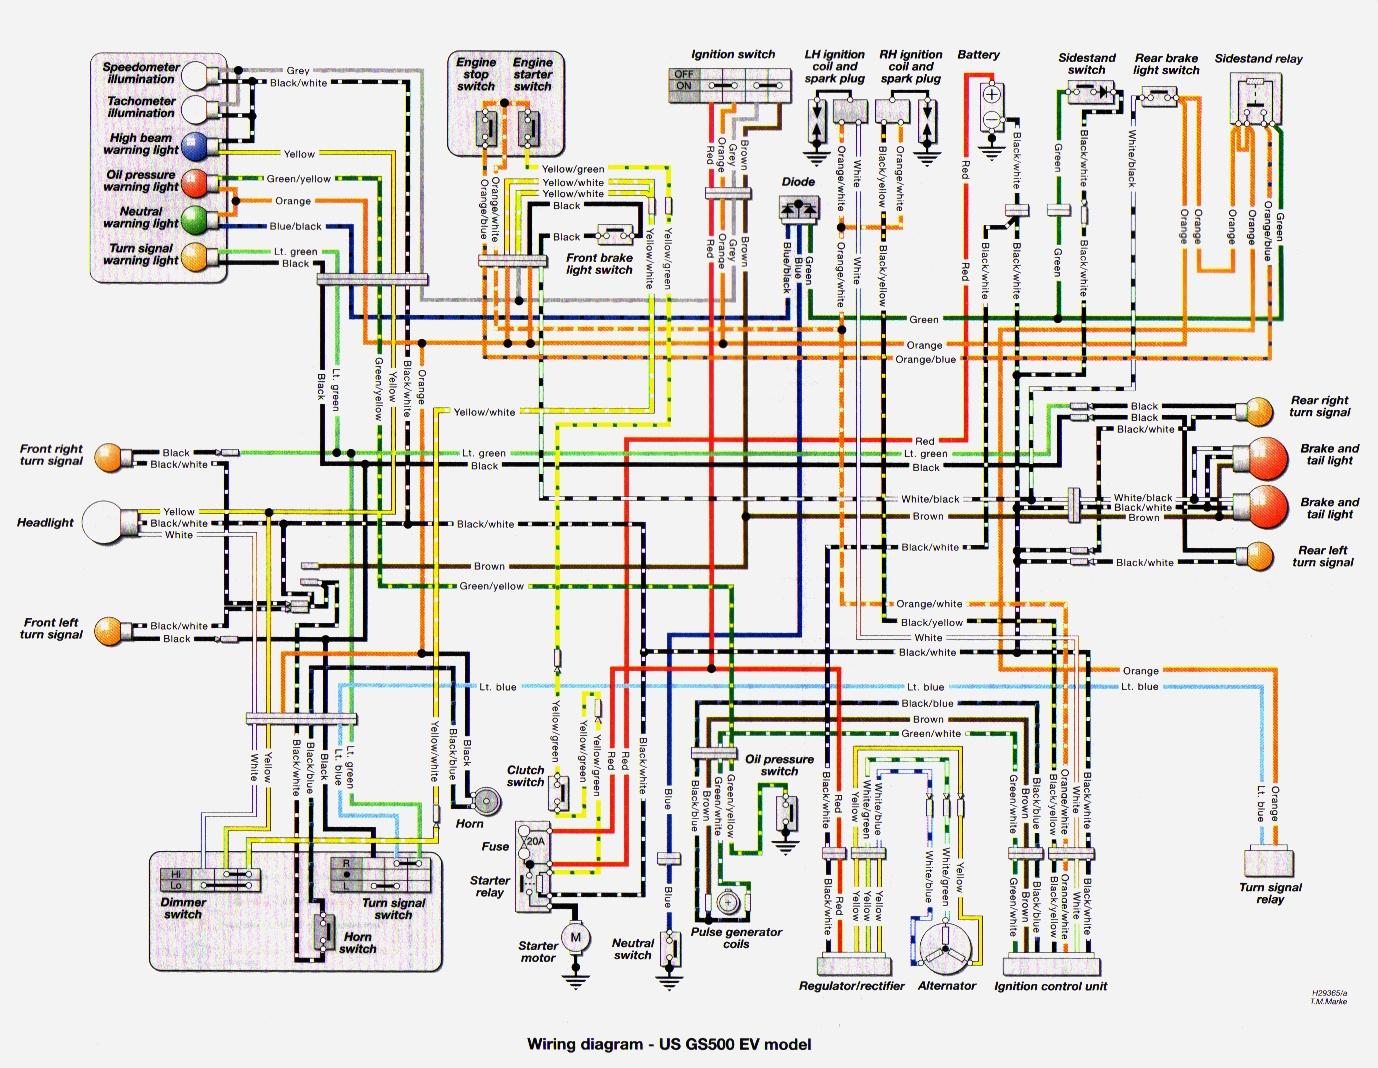 hight resolution of 2005 suzuki eiger 400 wiring diagram